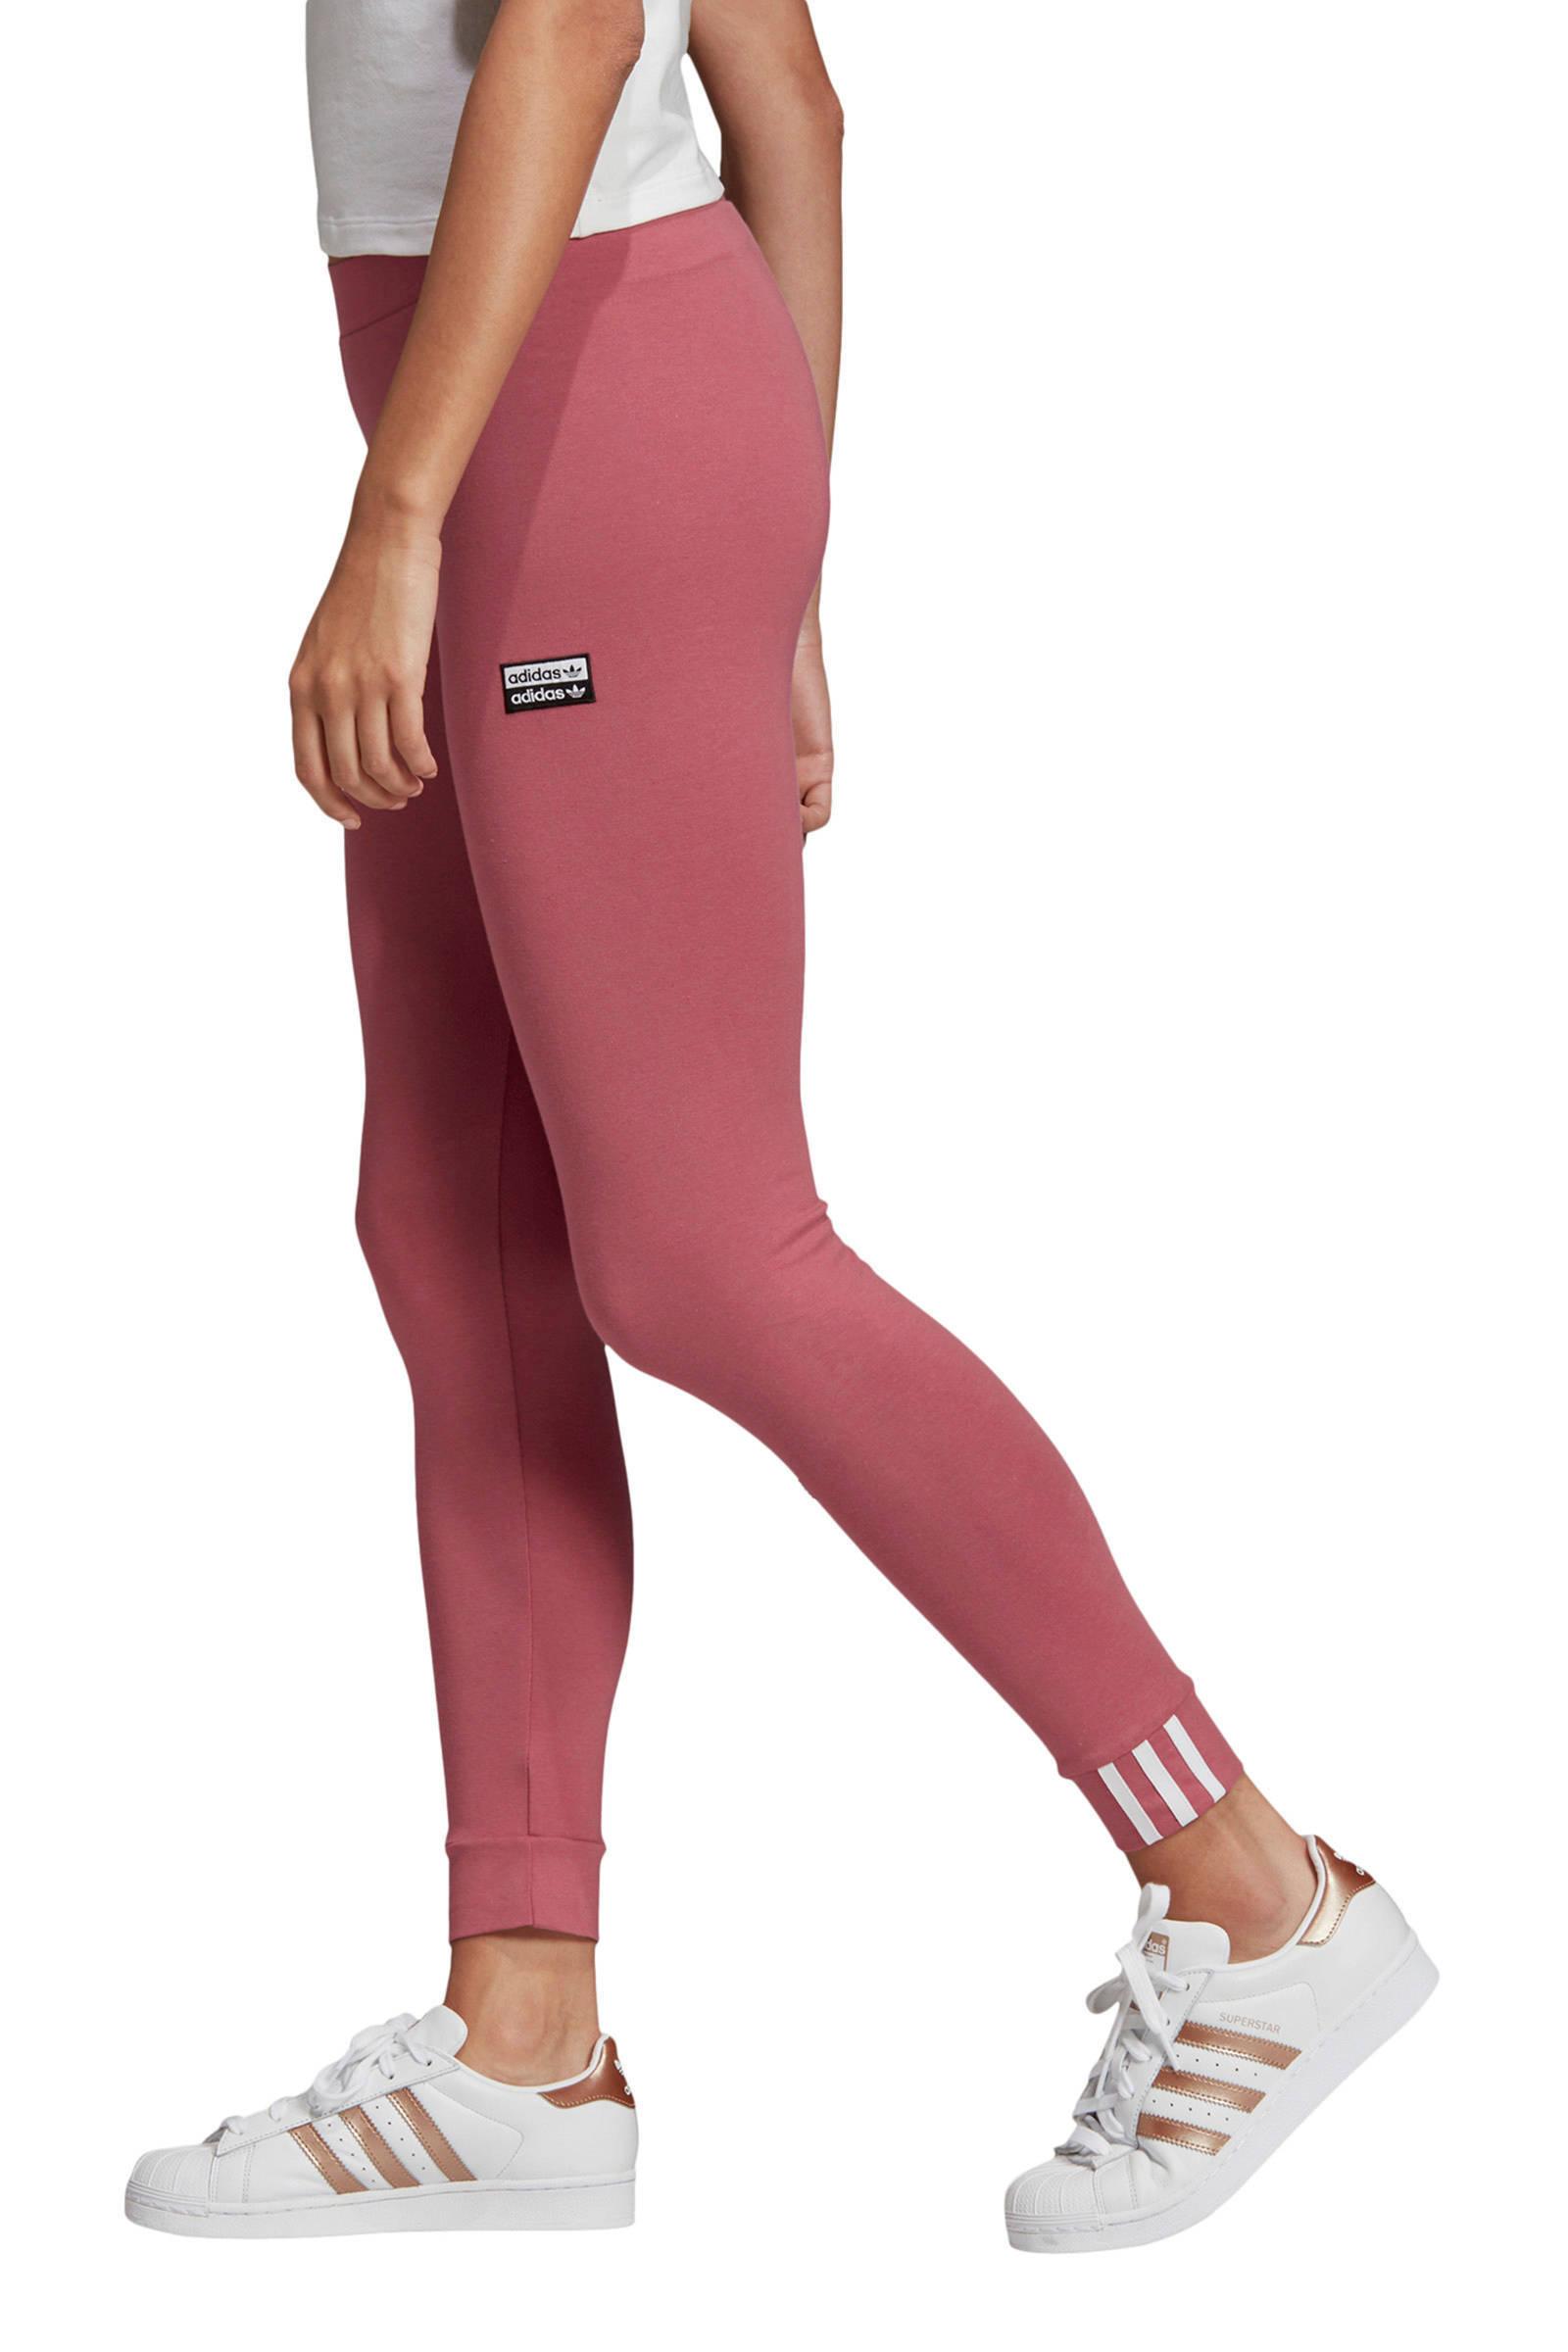 adidas Originals legging roze | wehkamp